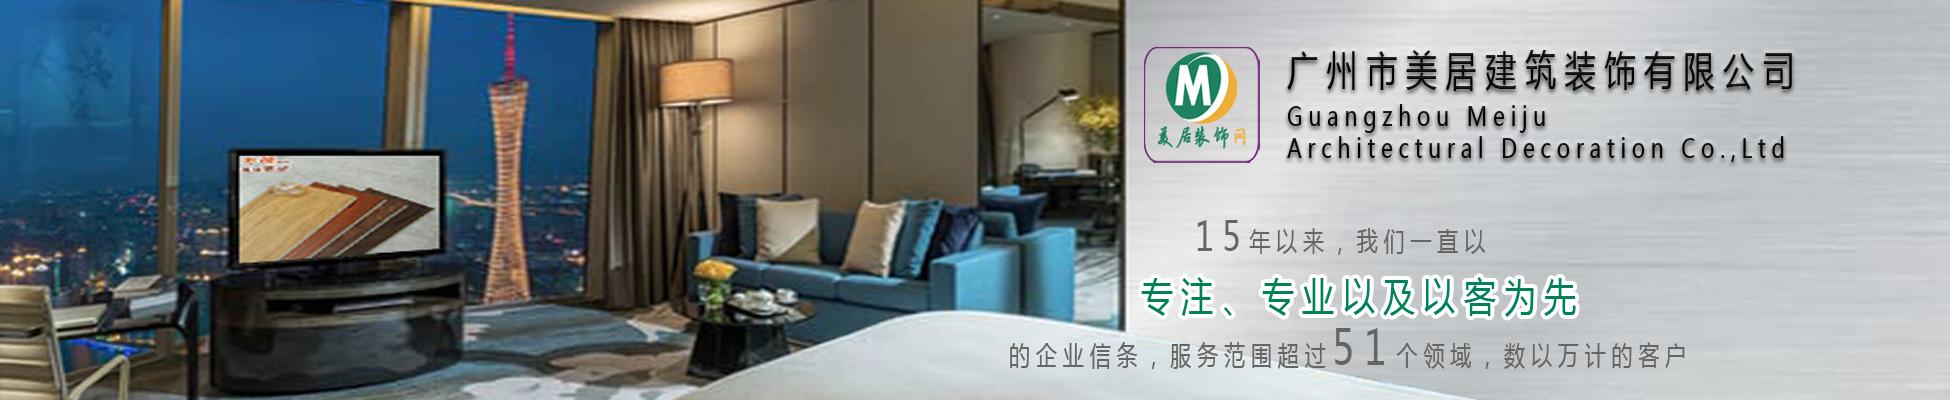 廣州市美居建筑裝飾有限公司